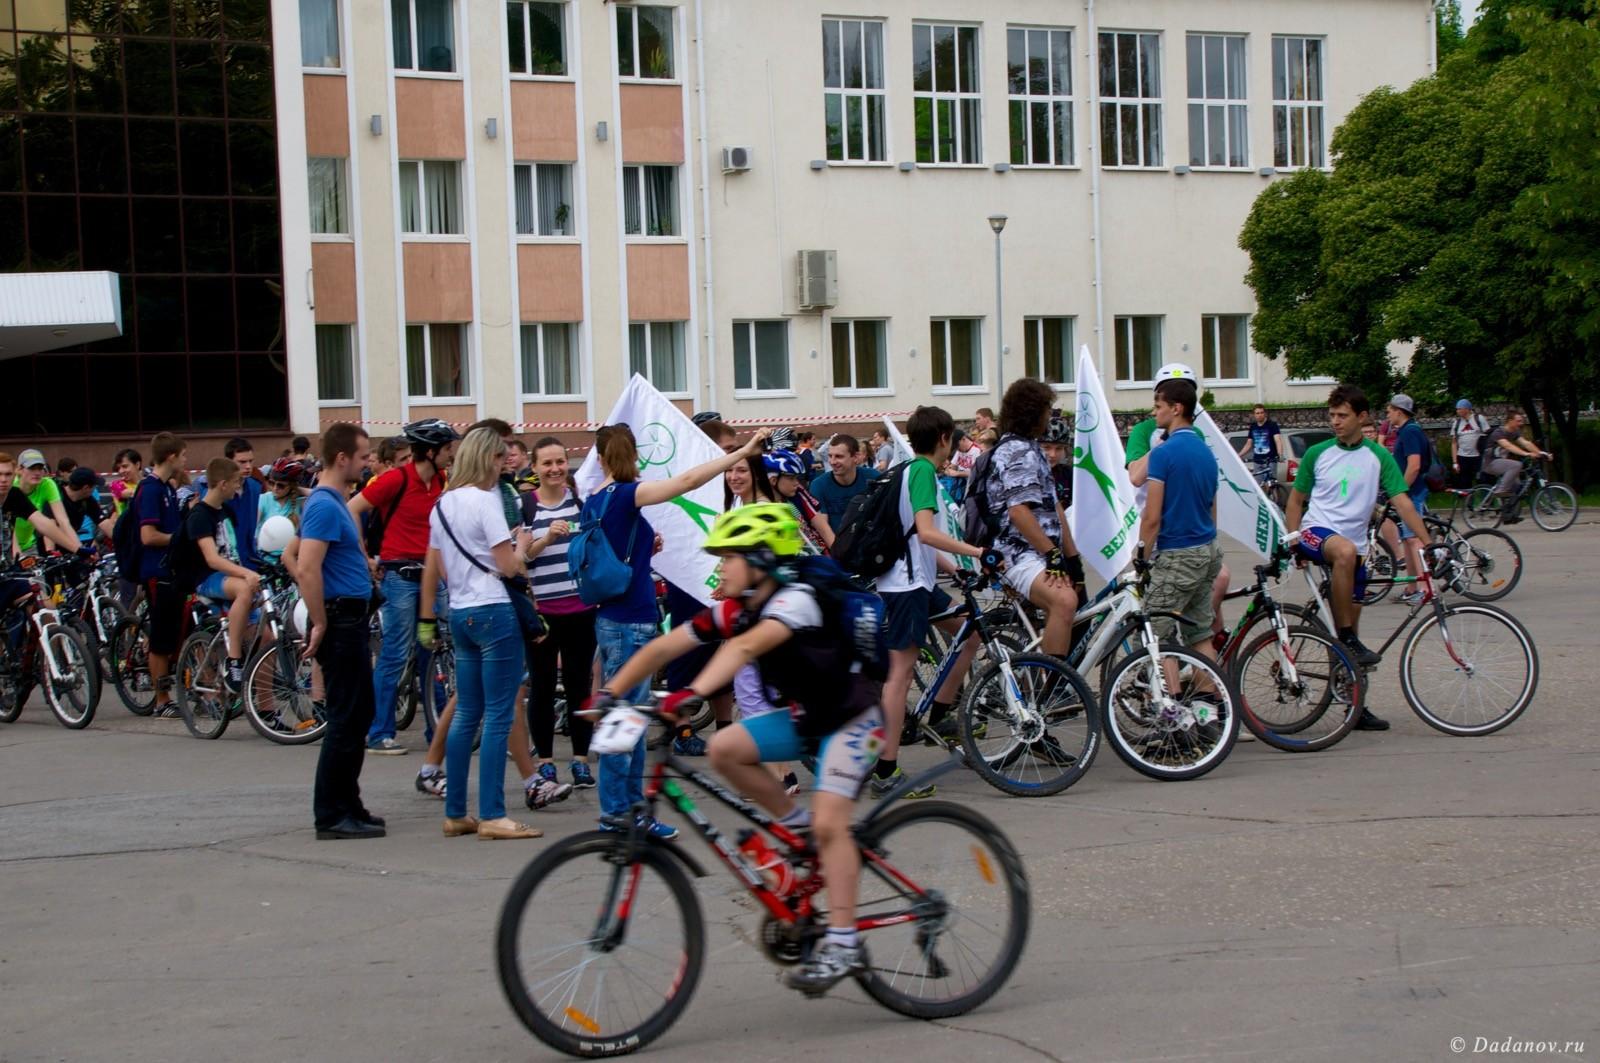 Велодень 2016 в Липецке состоялся. Фотографии с мероприятия 2975